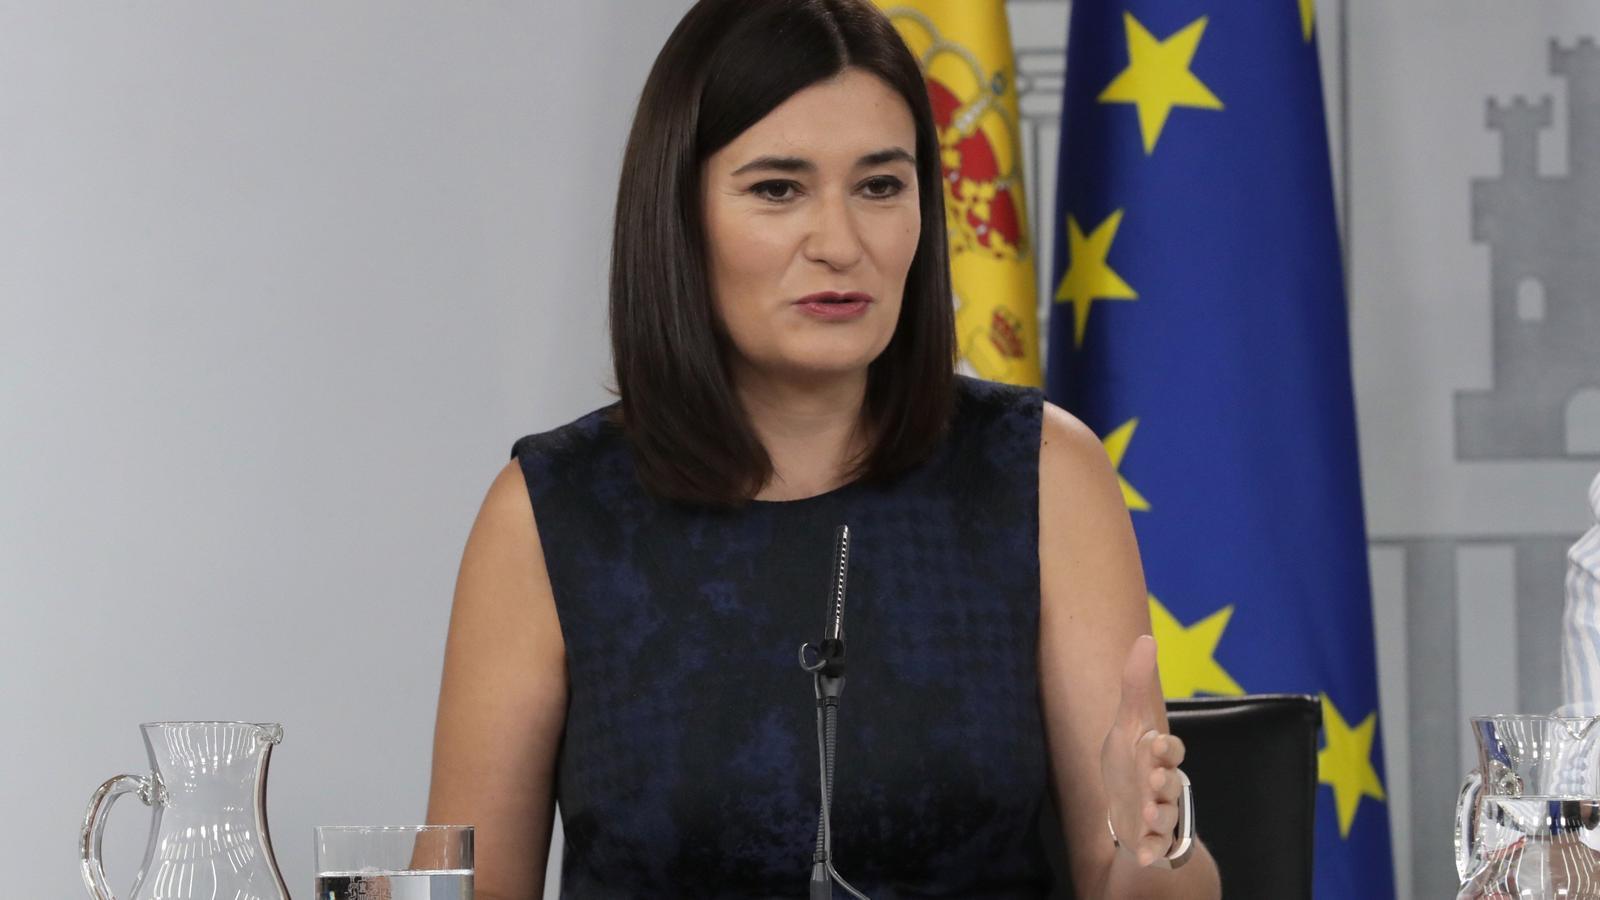 La ministra de Sanitat hauria obtingut el seu màster de forma irregular, segons eldiario.es